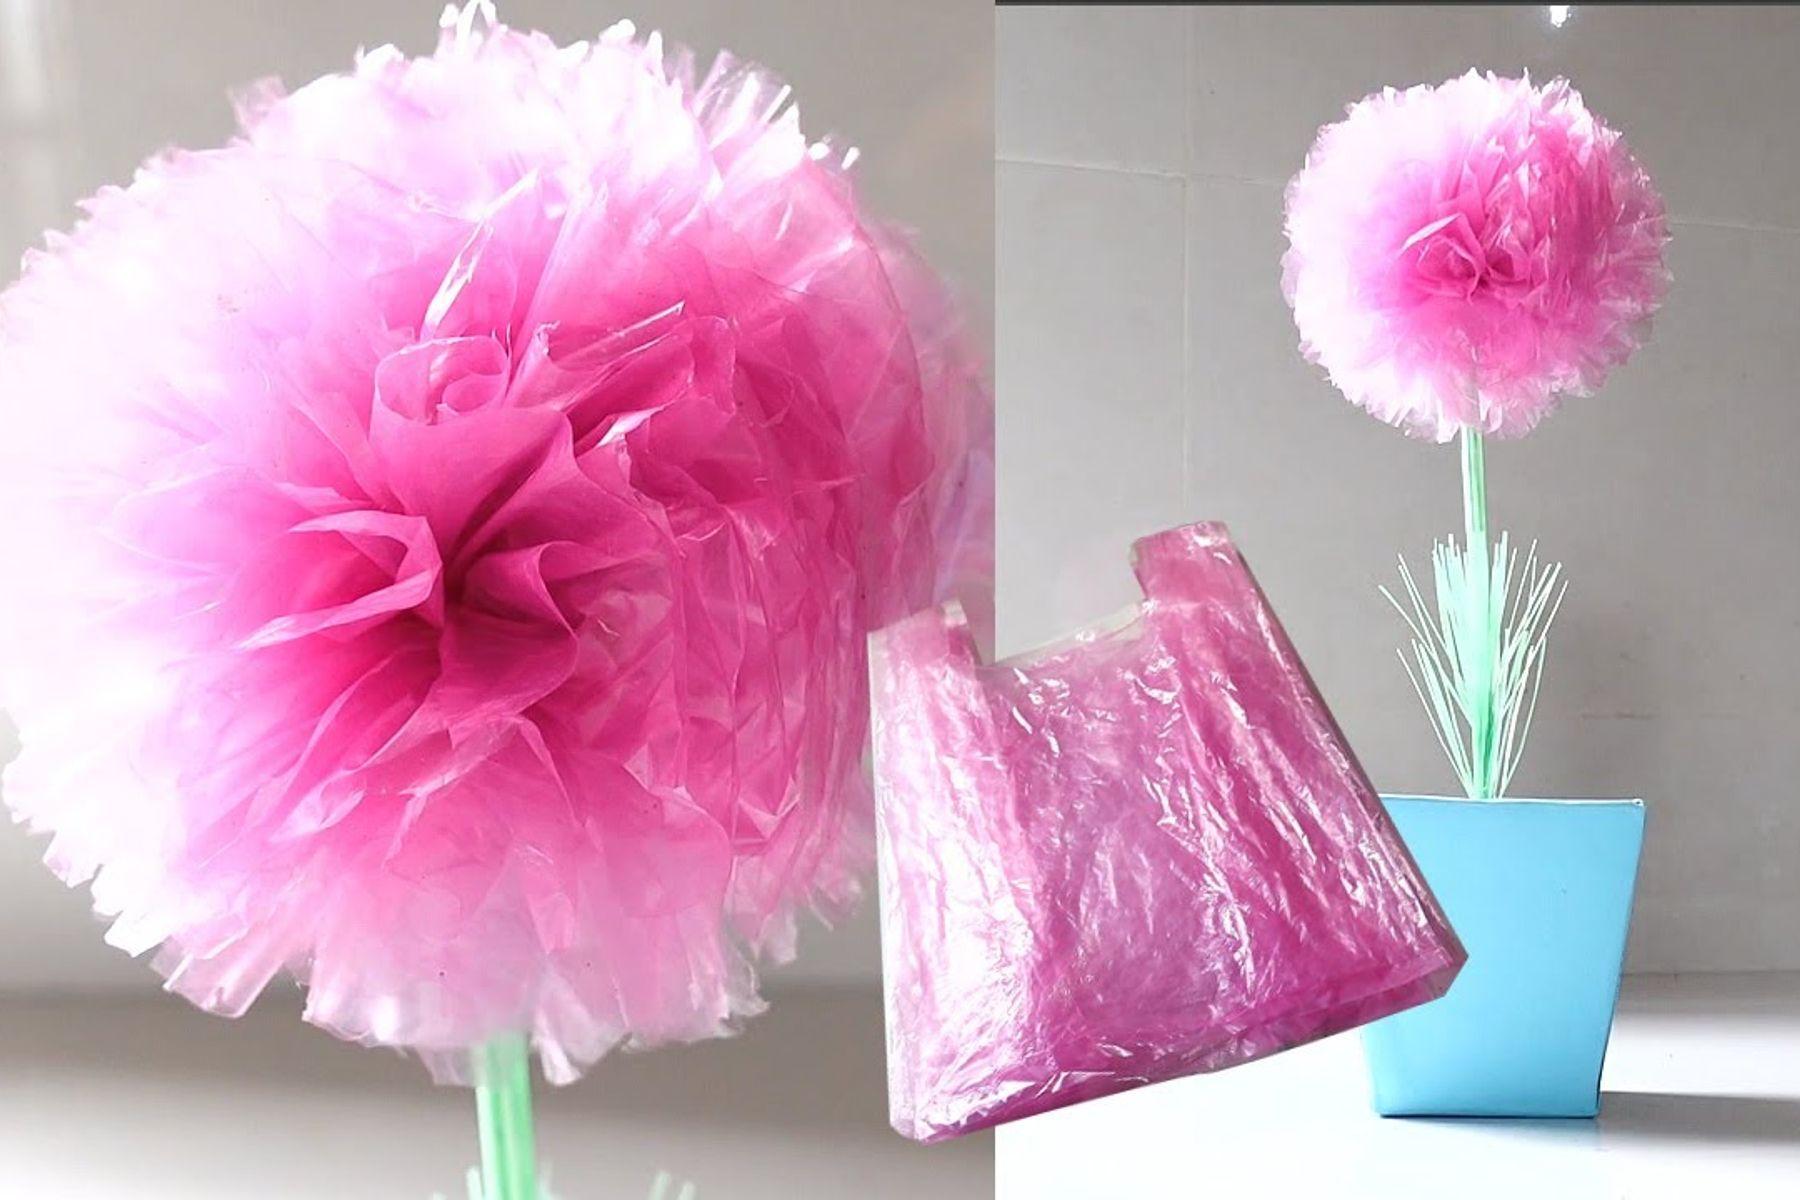 #Sáng tạo từ túi ni lông thành vật dụng hữu ích bảo vệ môi trường